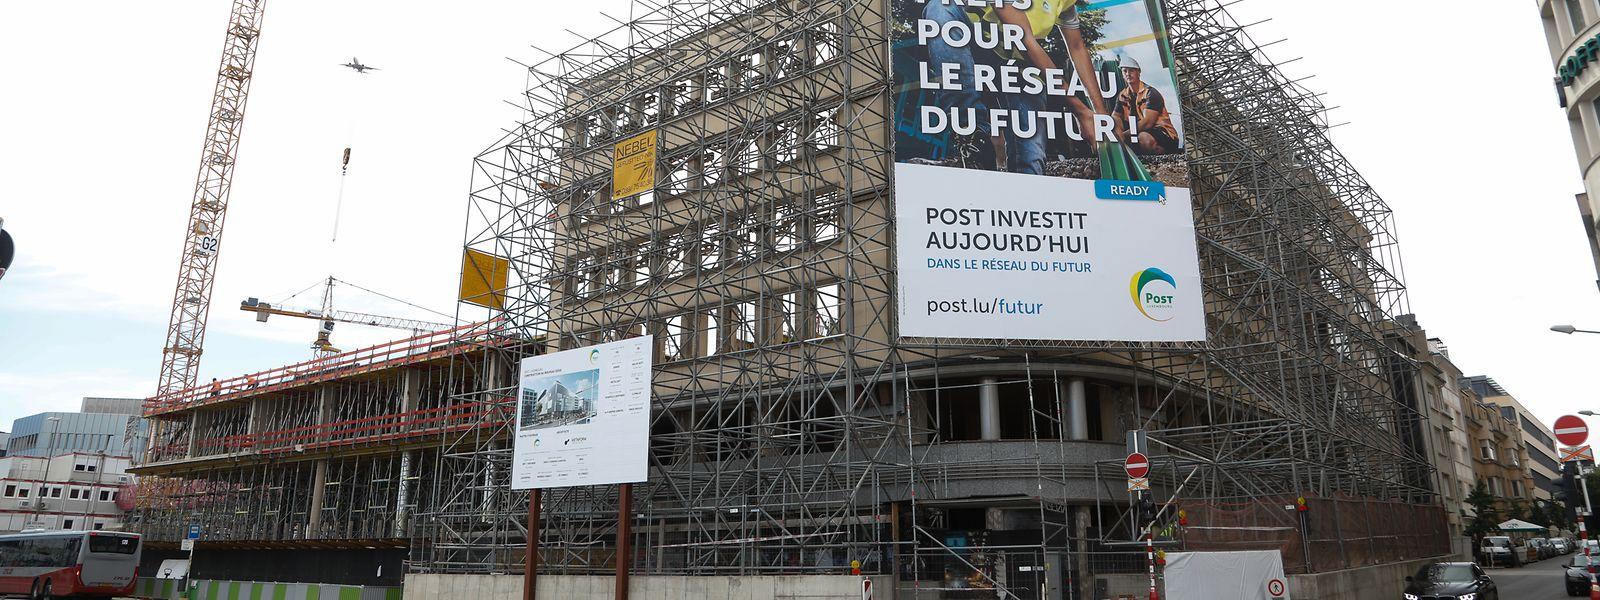 """La façade """"Accinauto"""" restera en place se raccrochant aux lignes modernes du bâtiment signé Metaform."""